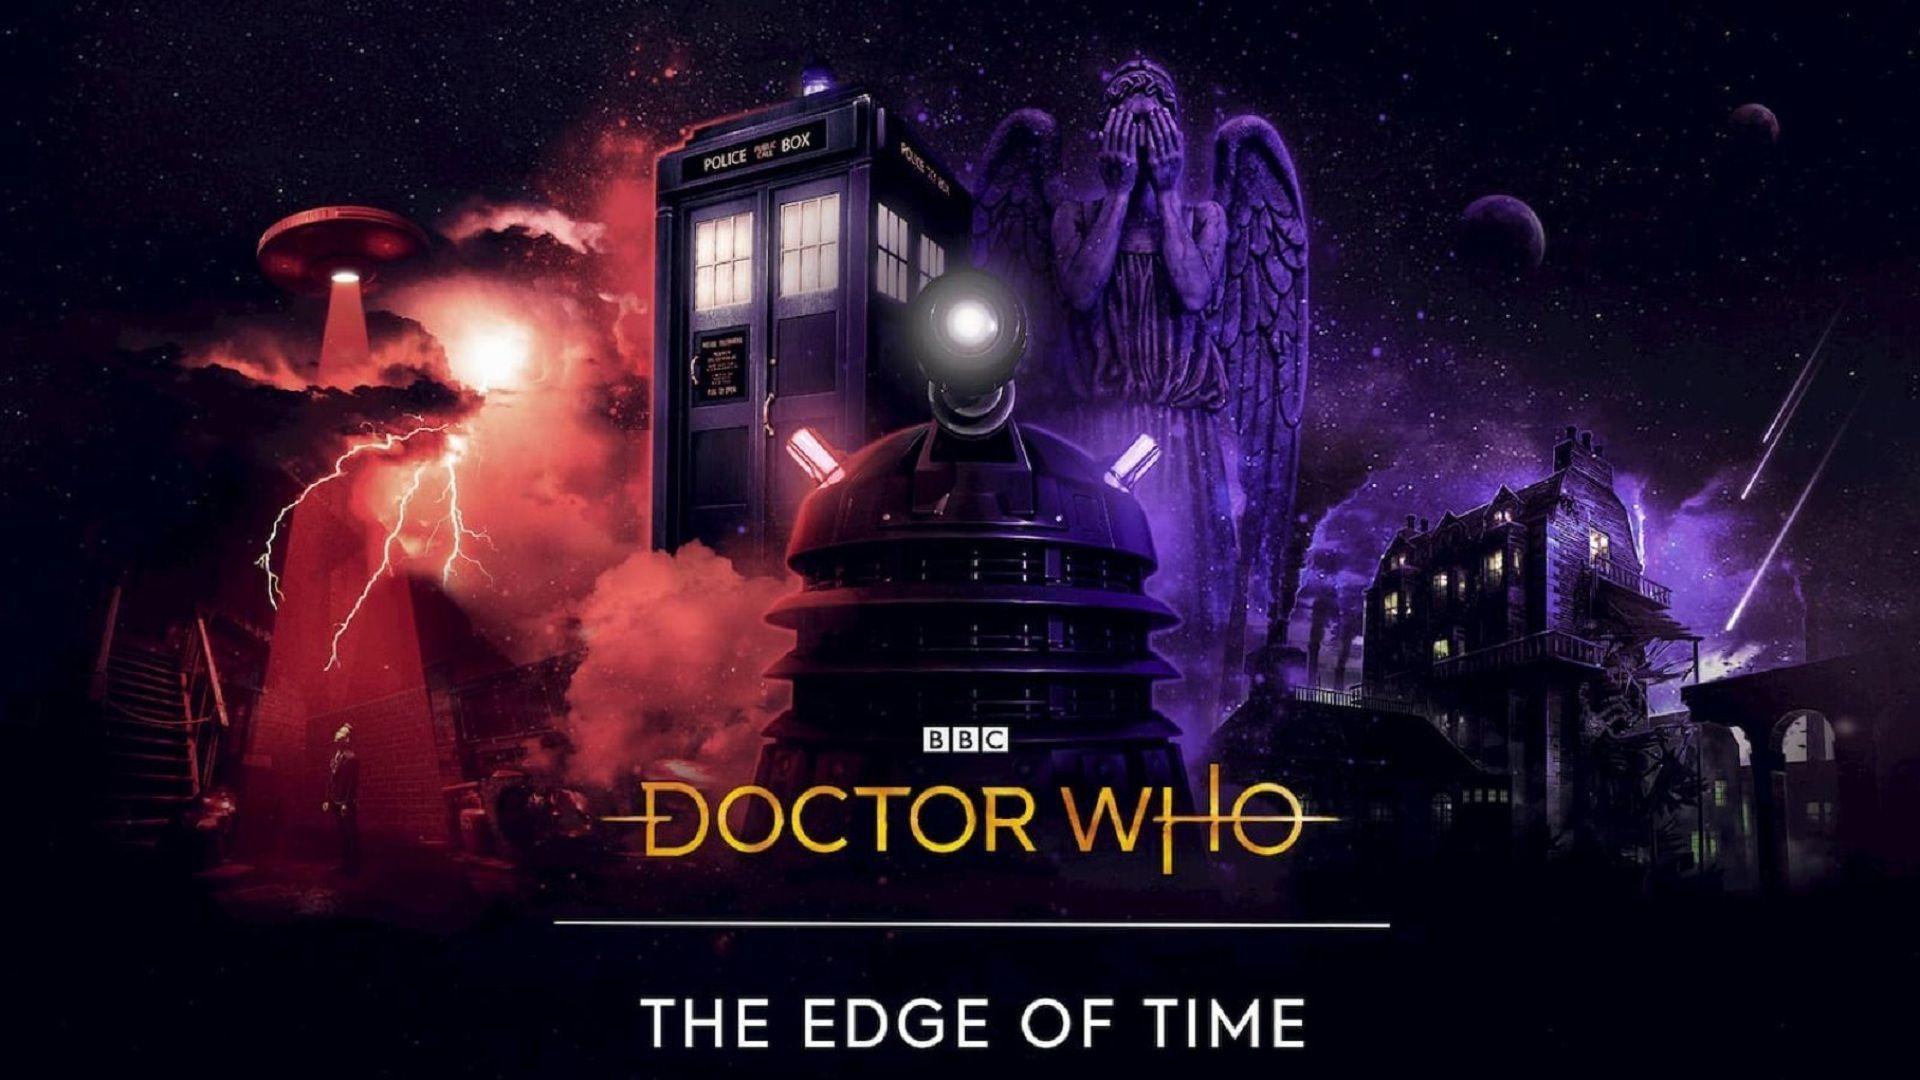 أسلوب لعب وموعد إطلاق Doctor Who The Edge of Time على